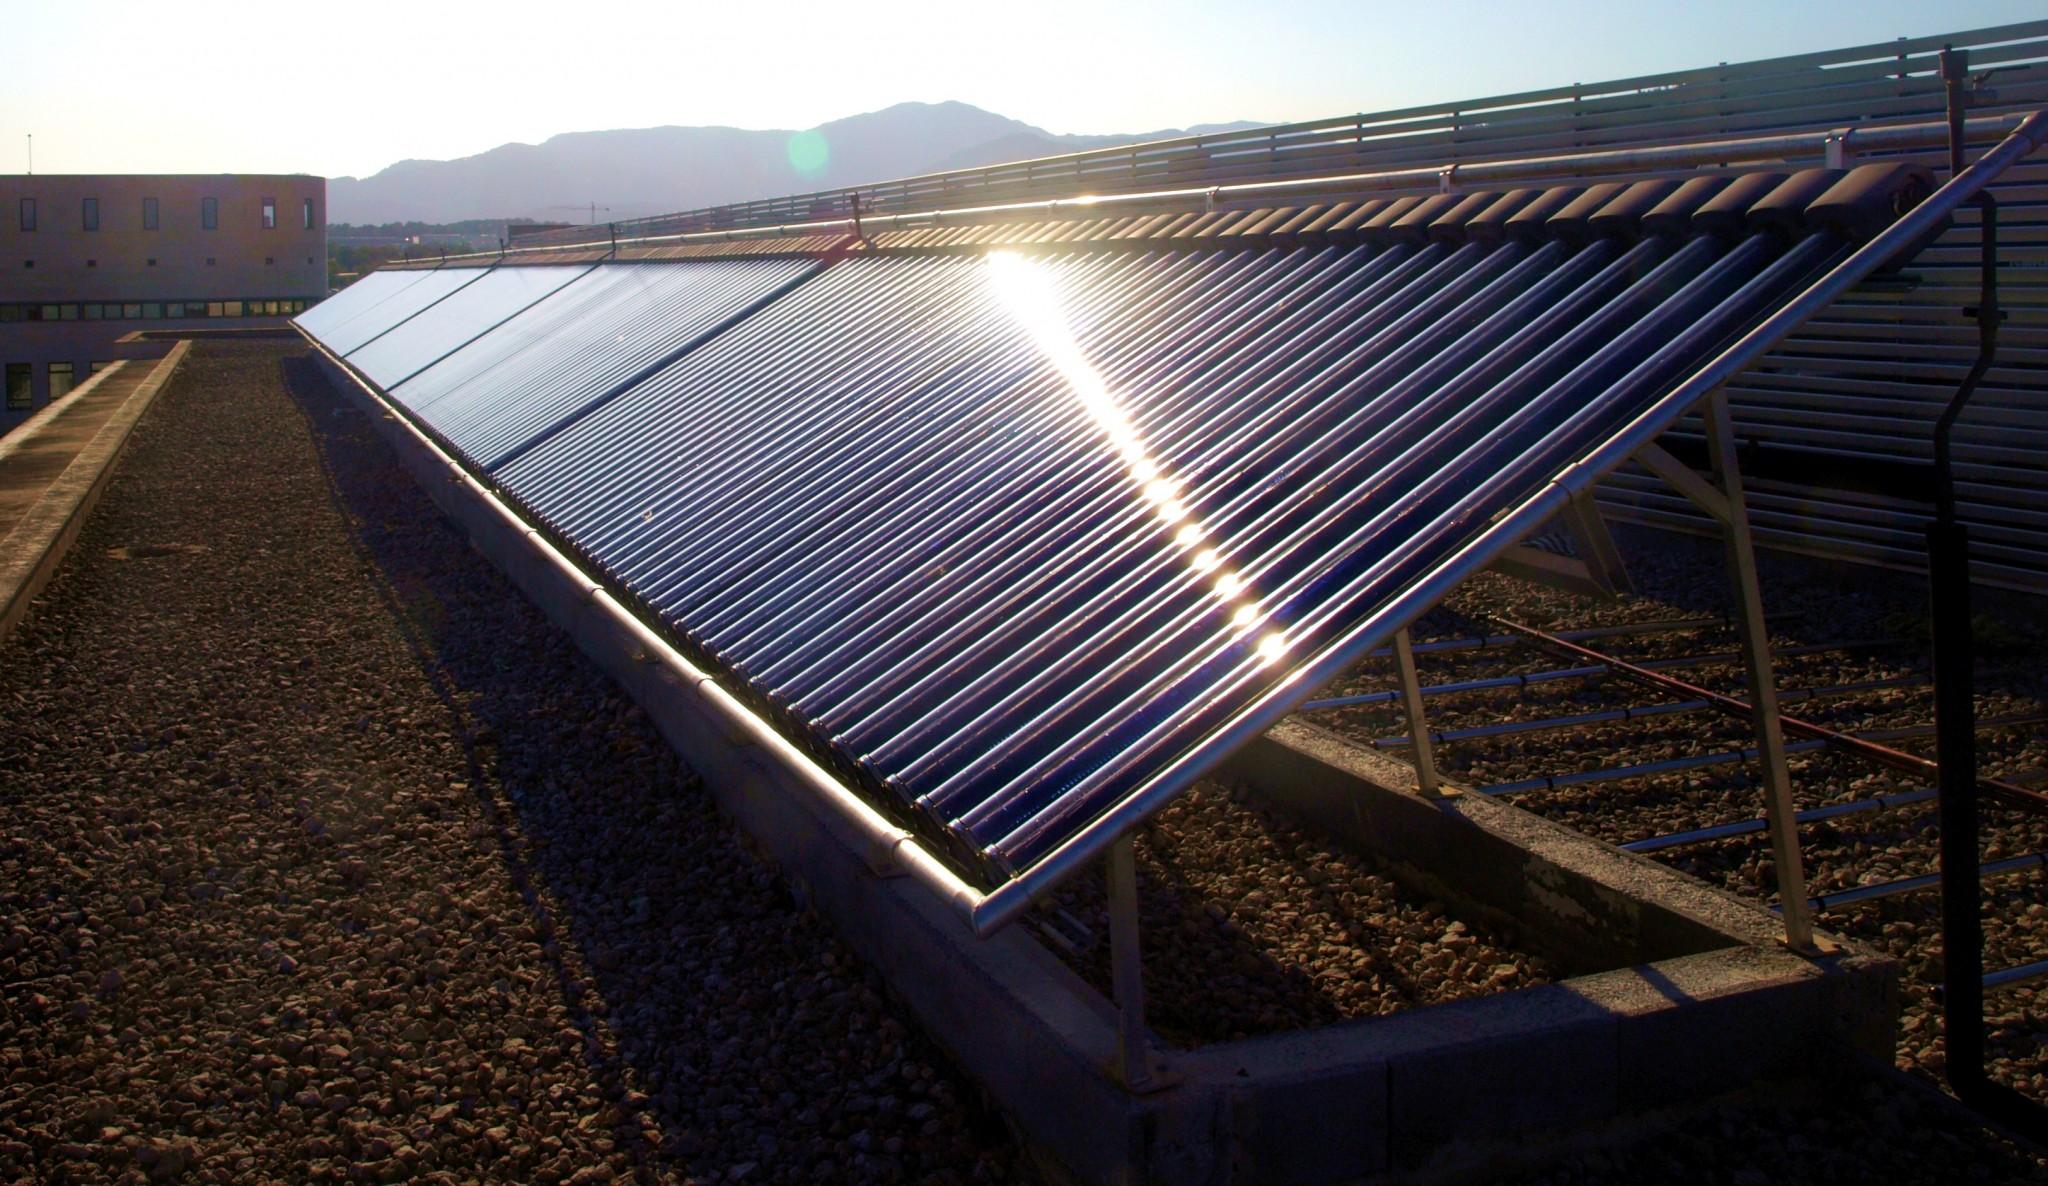 Esterilizan tierra de viveros con energía solar